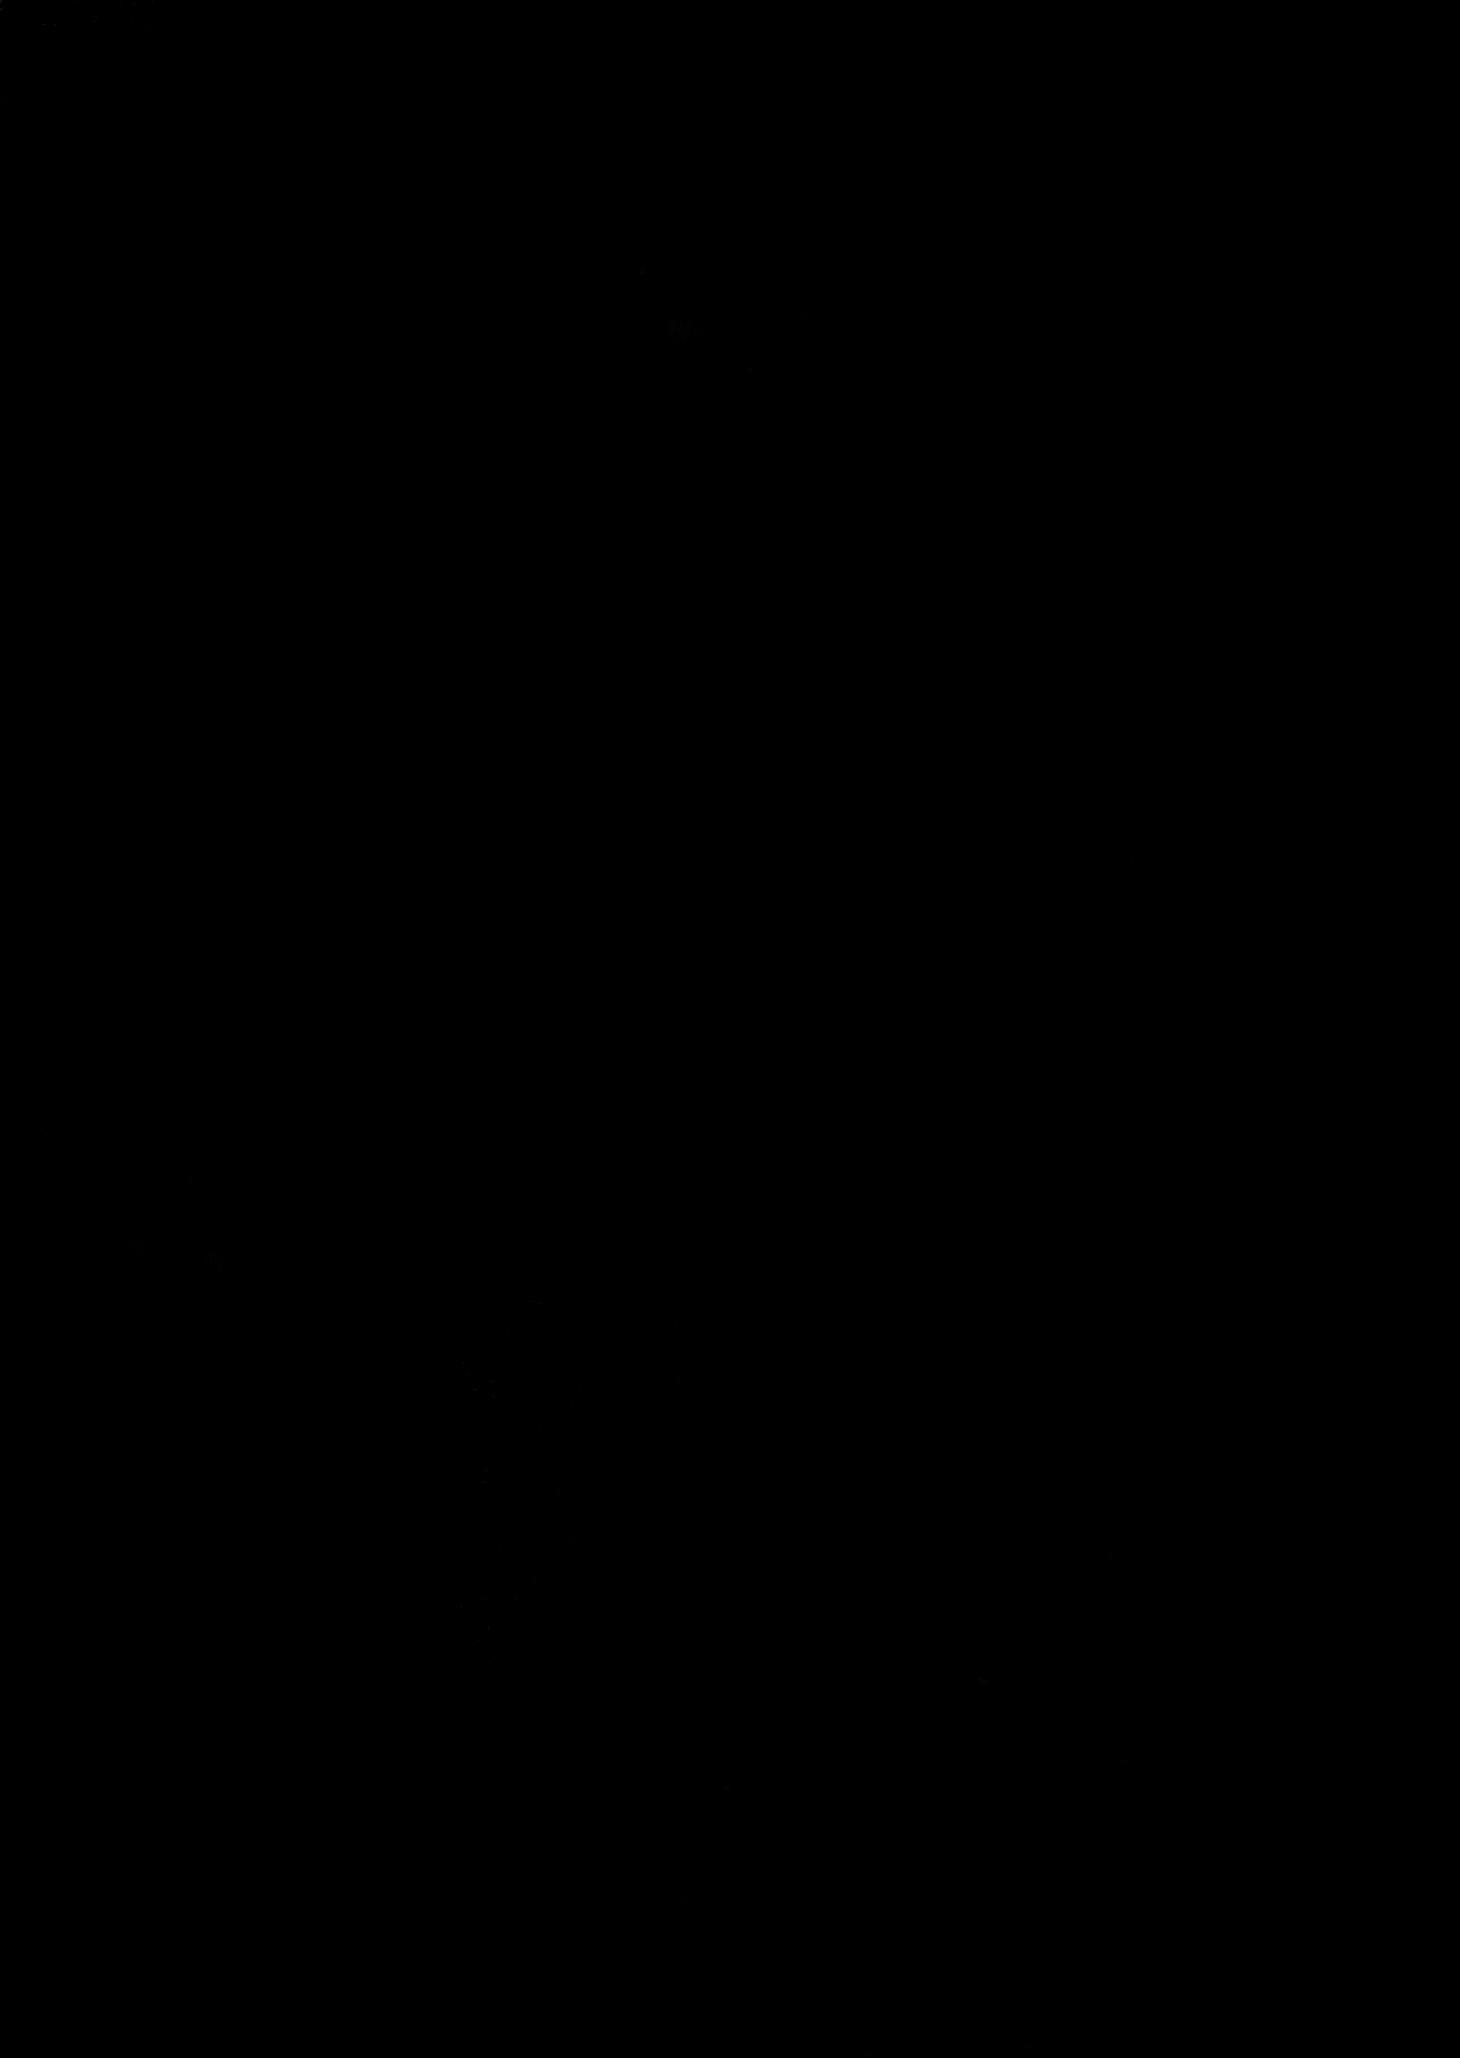 S/2004 S 13